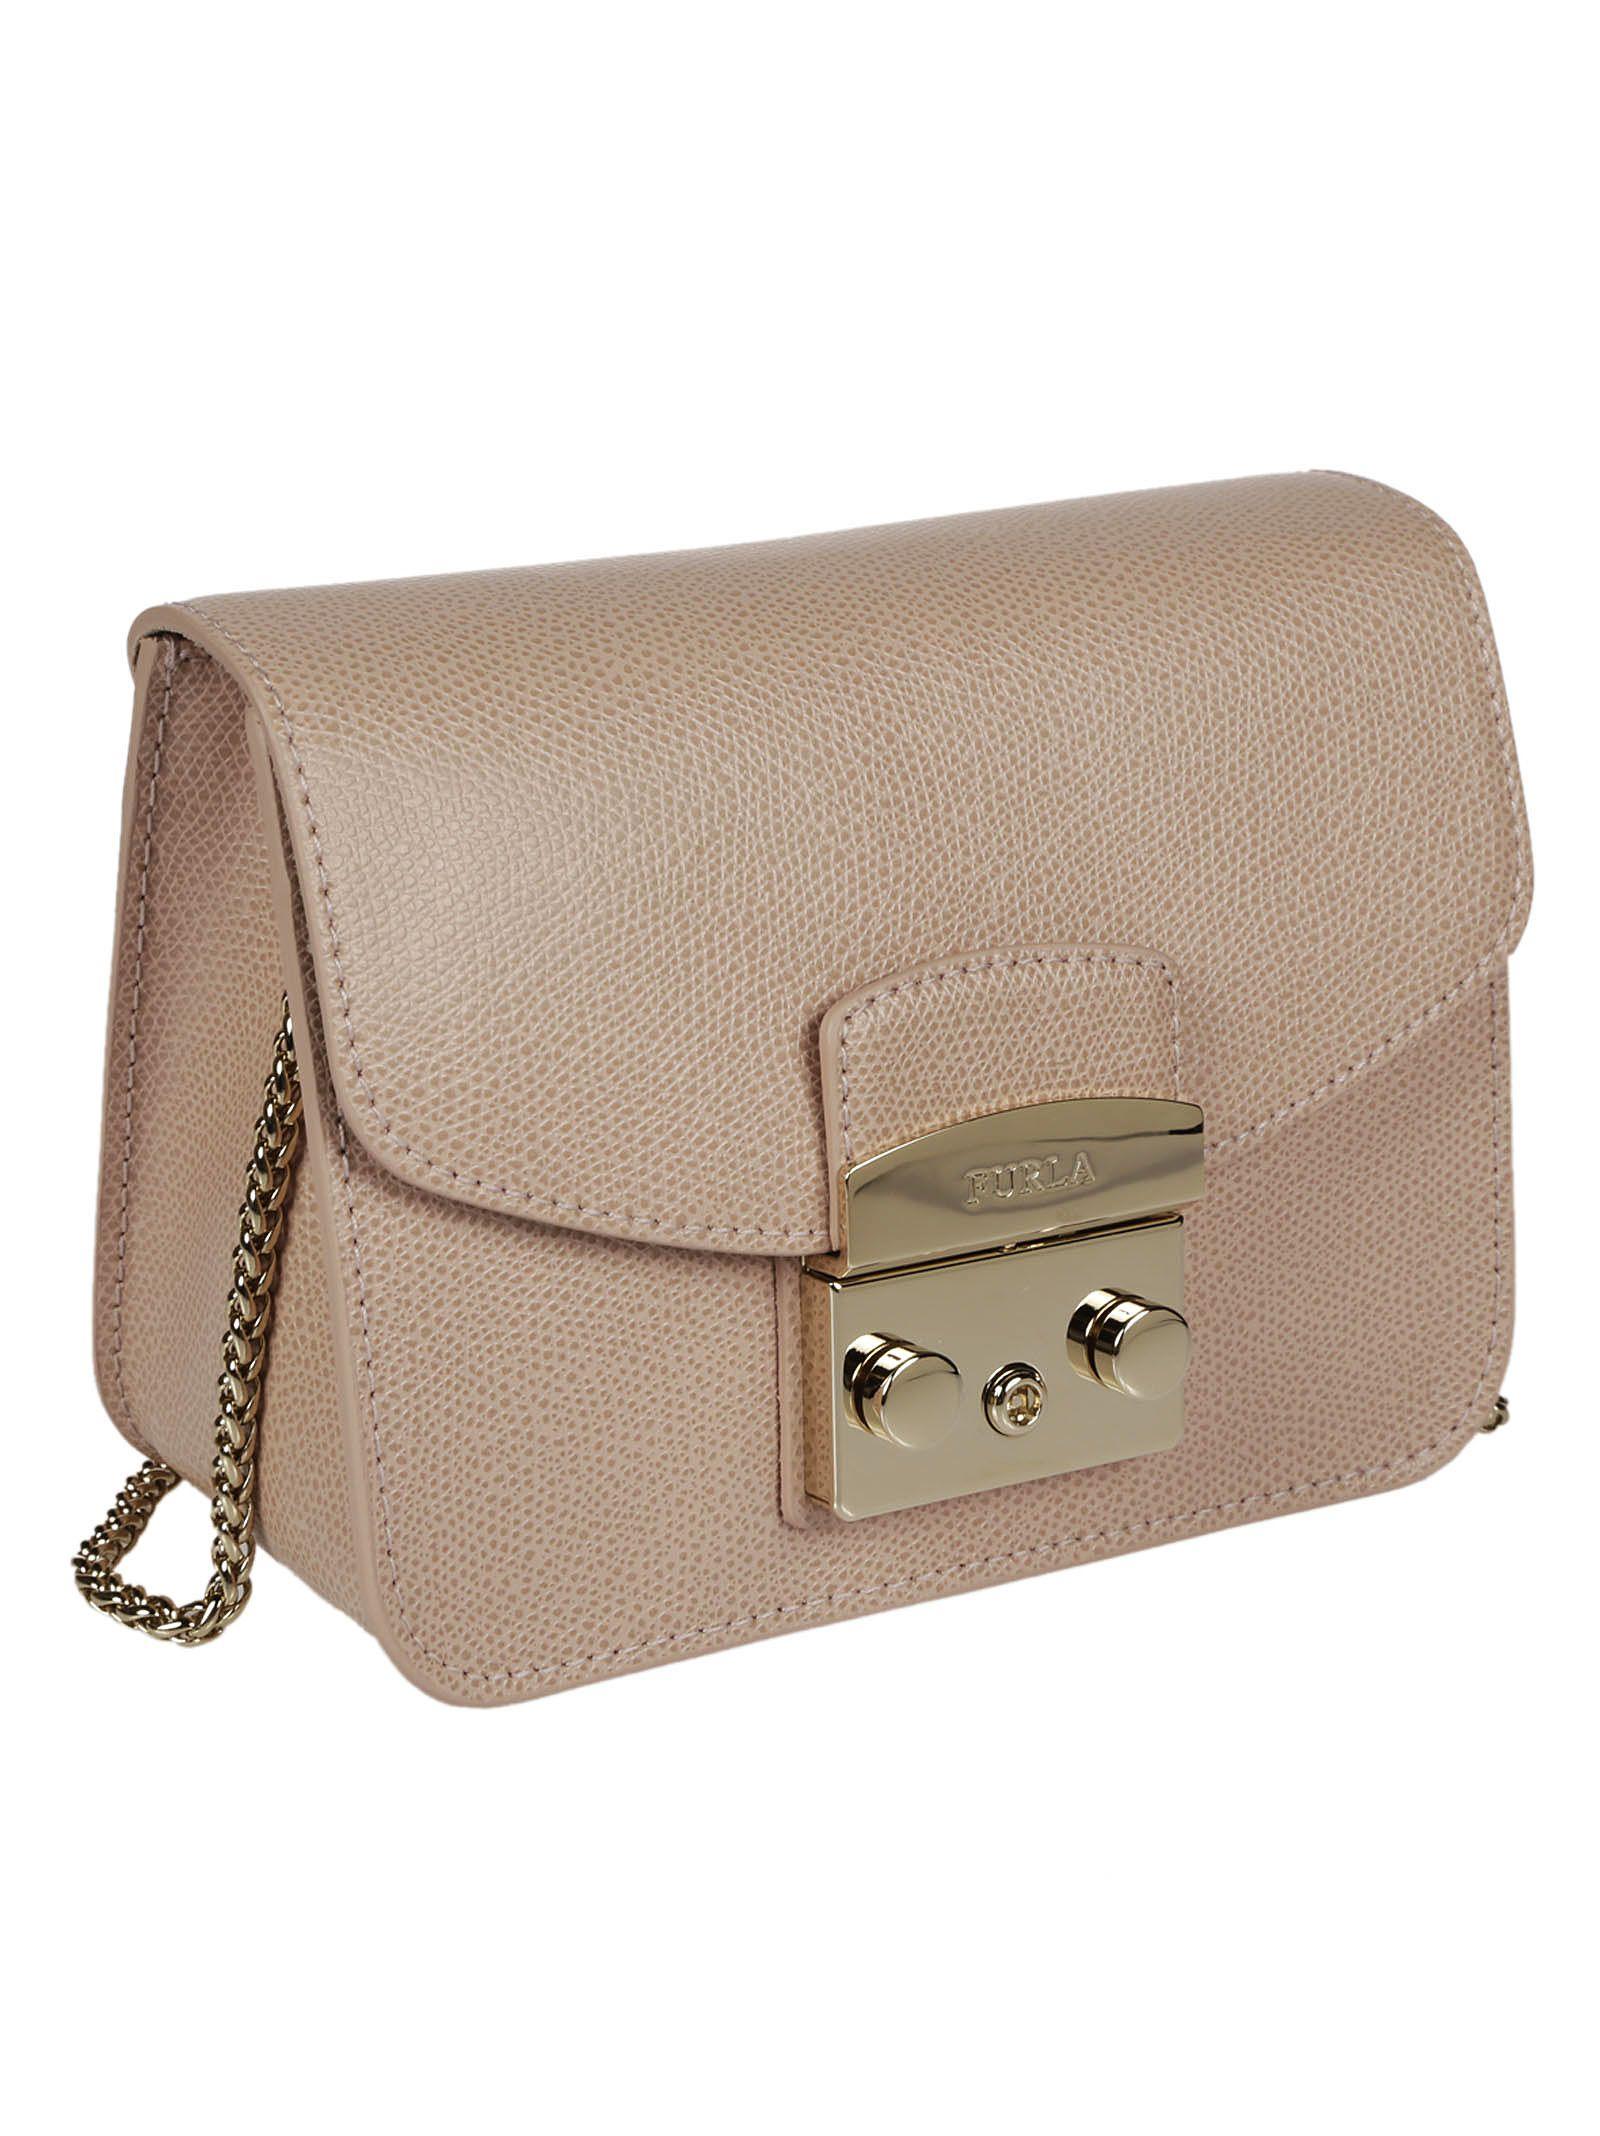 6a64995d30b6f Furla Furla Metropolis Mini Shoulder Bag - Moonstone - 10841136 ...